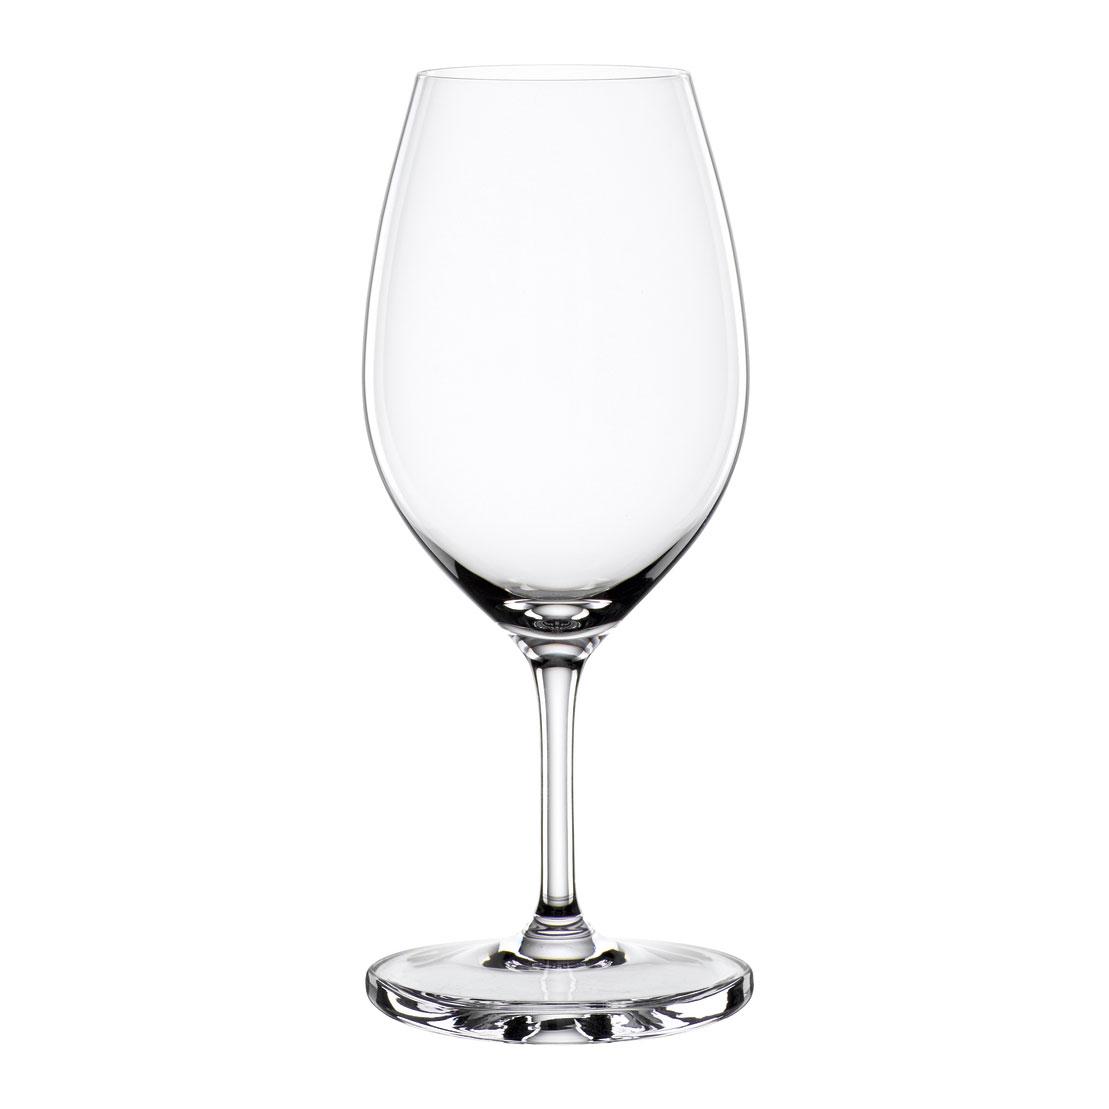 Libbey Glass 4208002 glass, wine